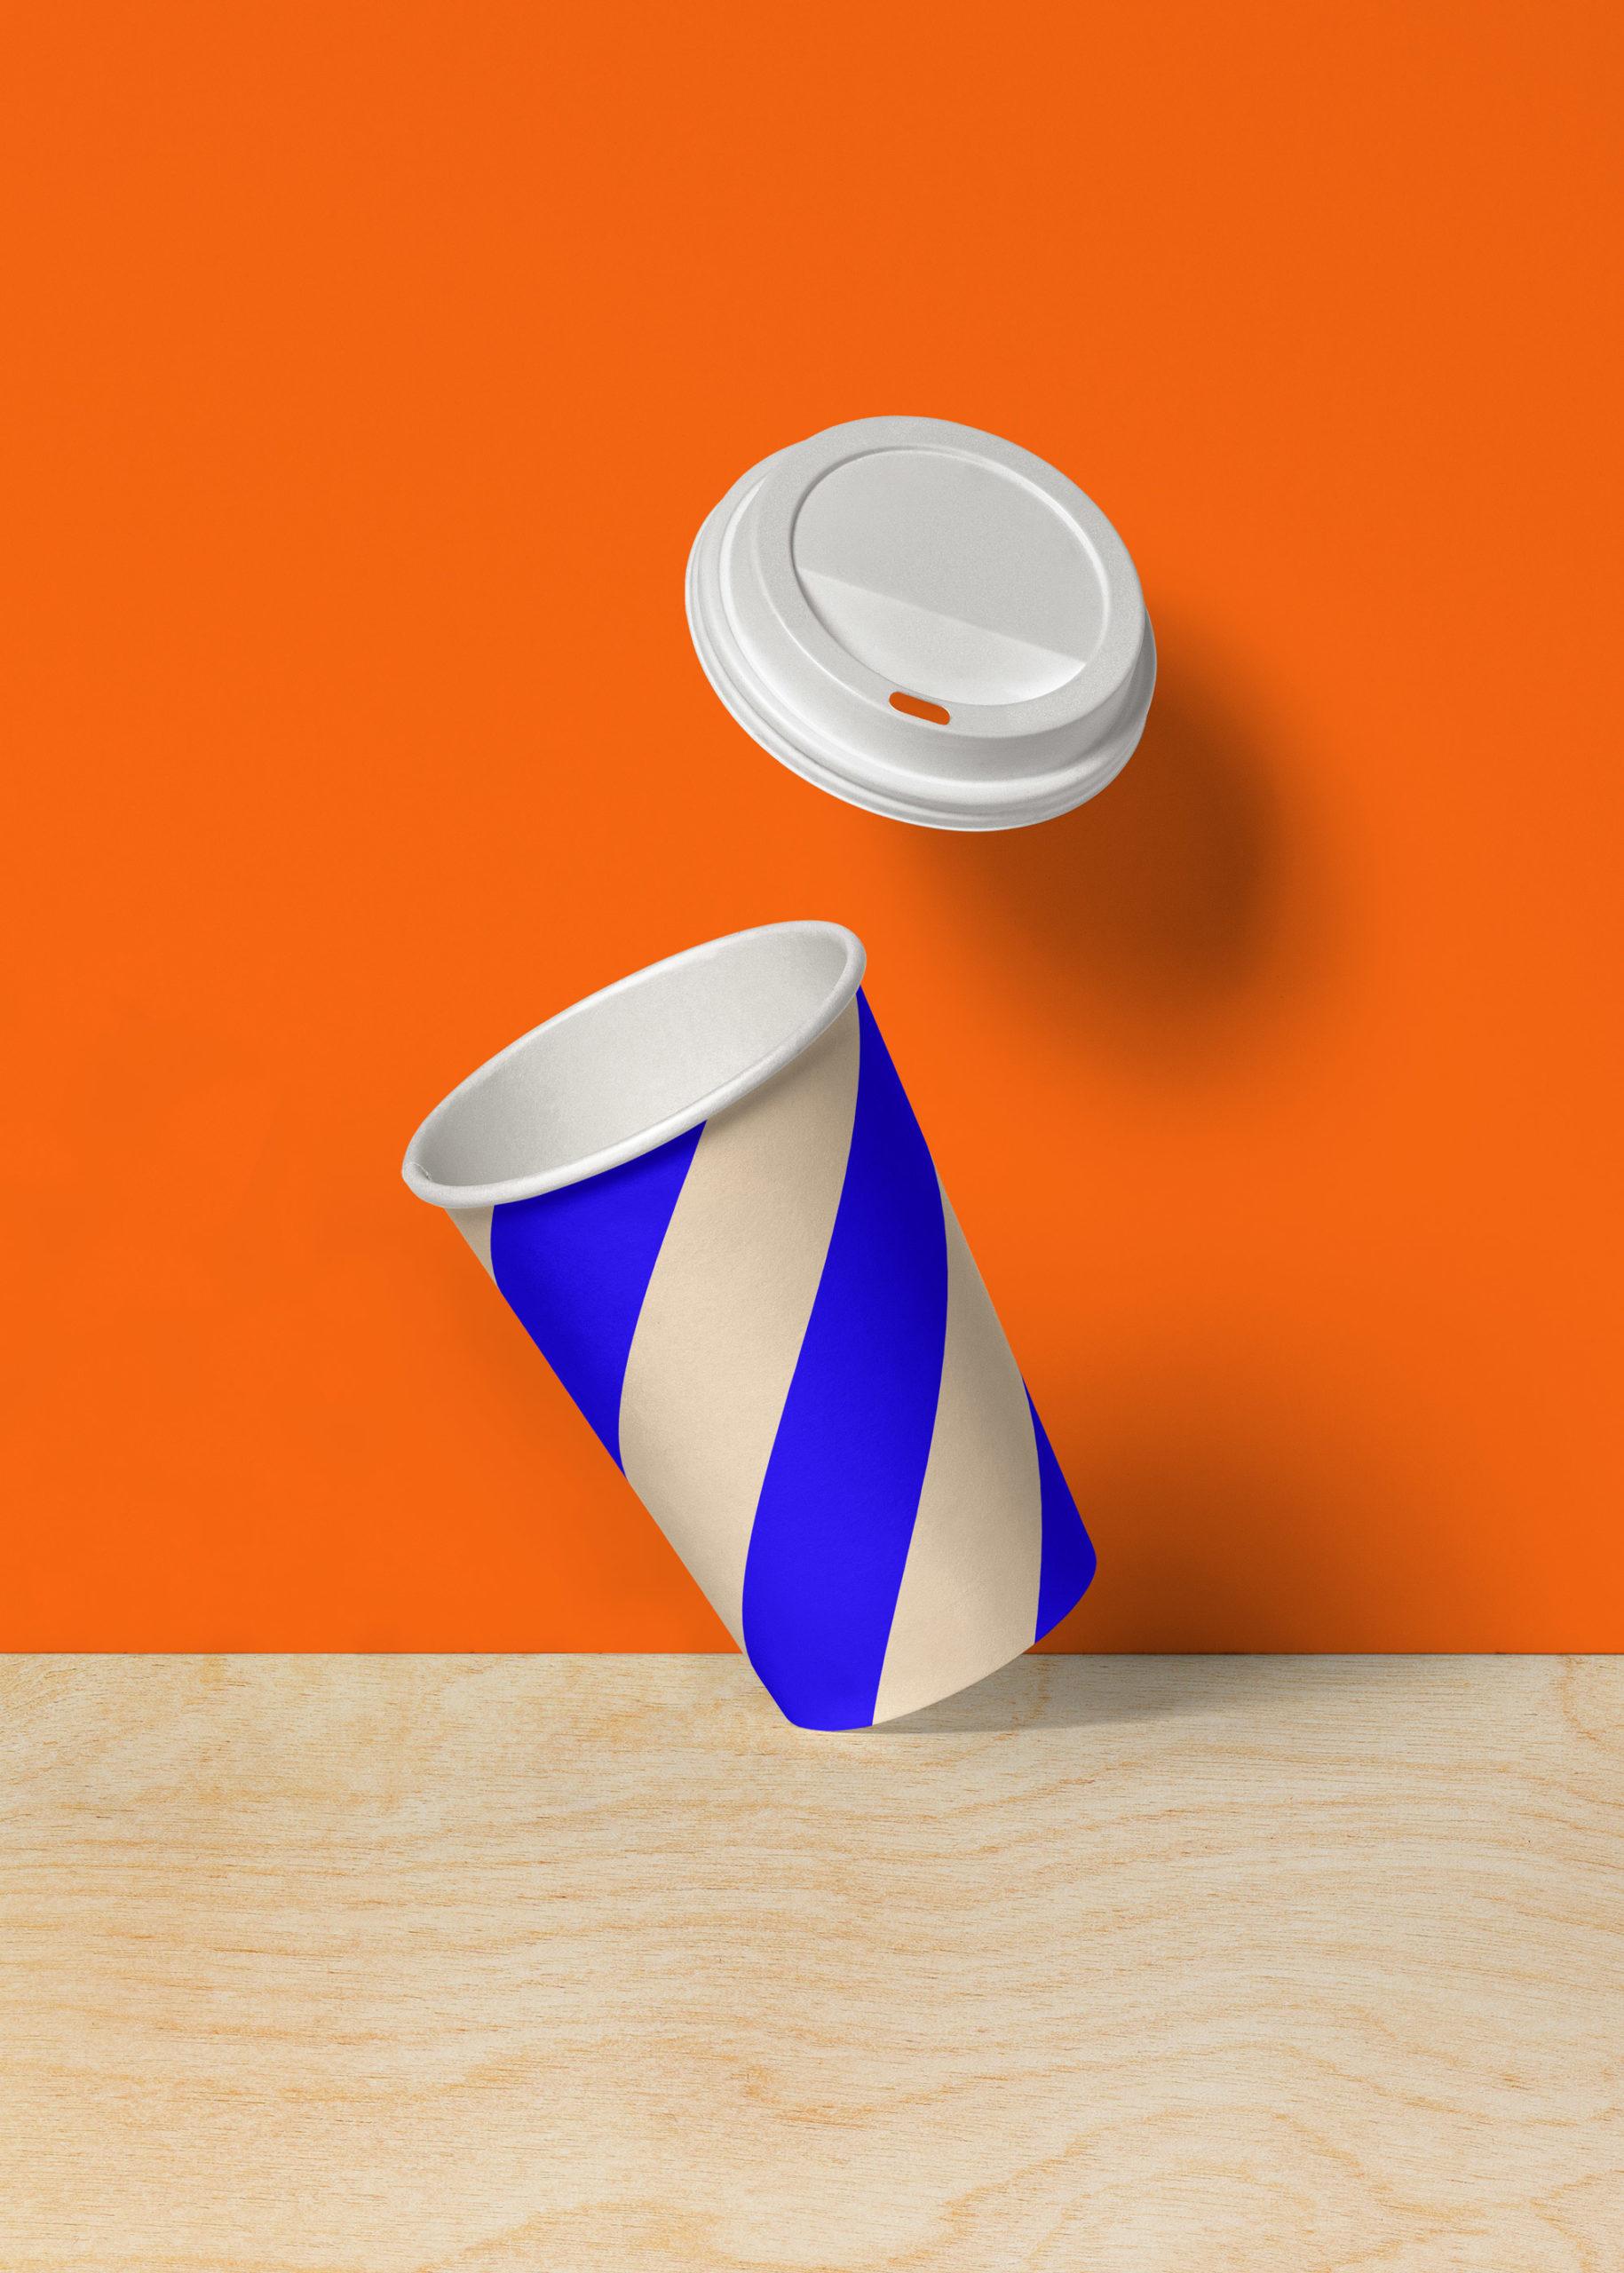 Paper-Hot-Cup-Mockup-vol11